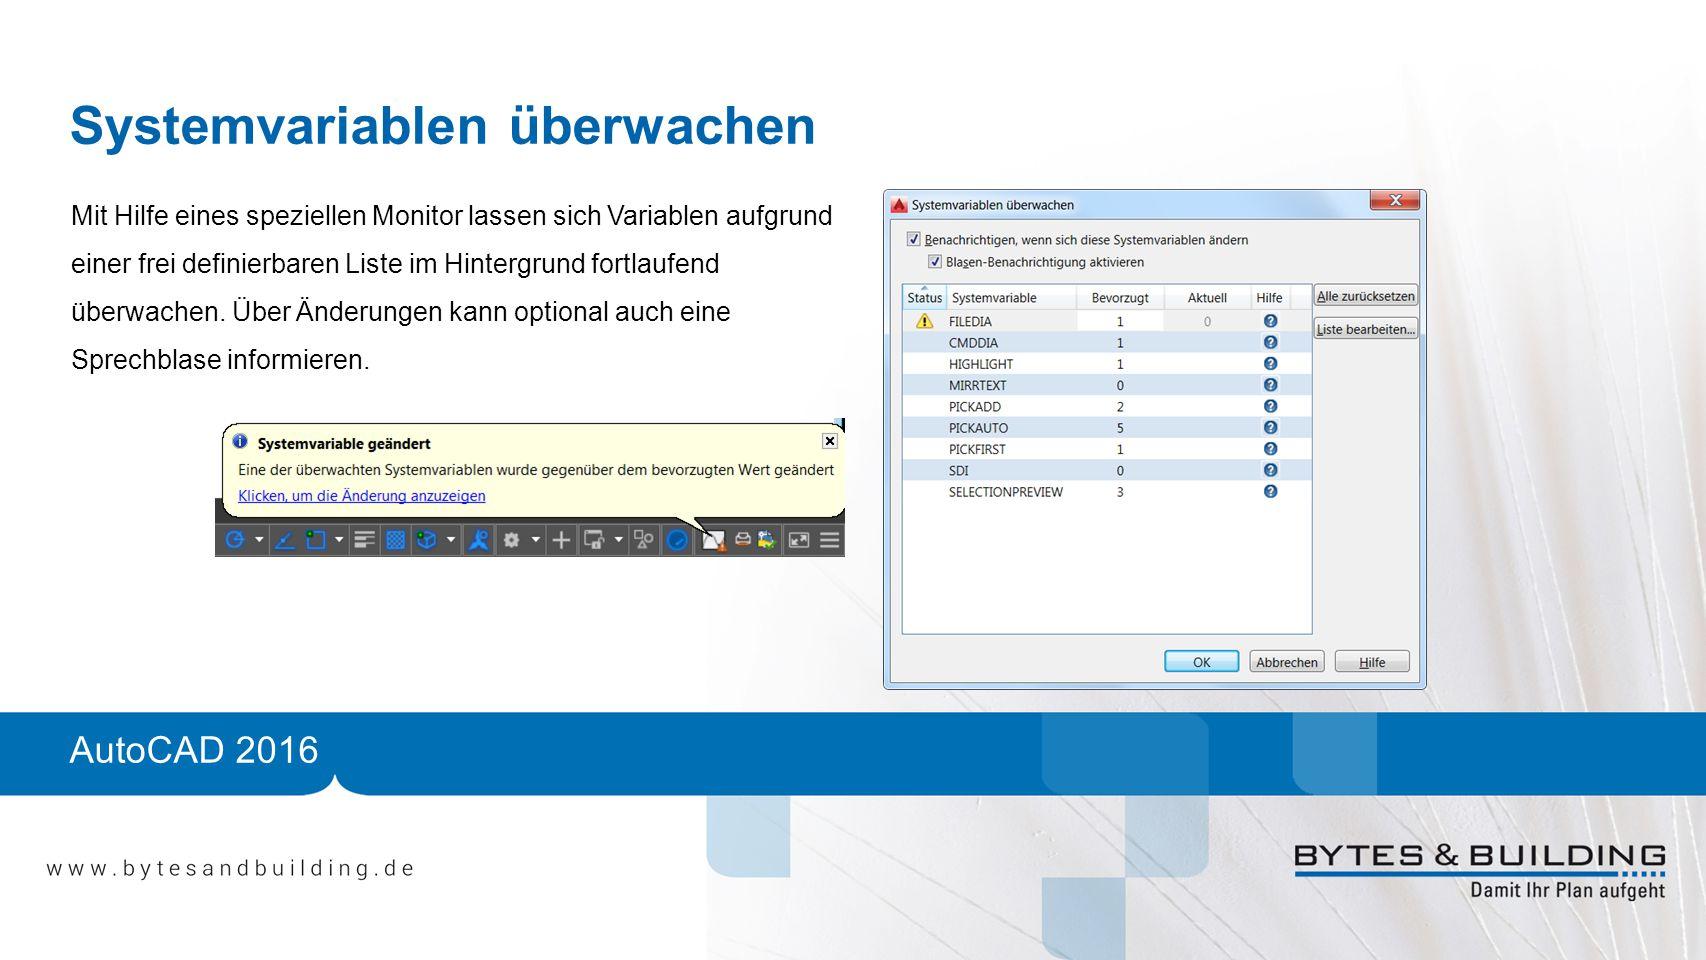 AutoCAD 2016 Systemvariablen überwachen Mit Hilfe eines speziellen Monitor lassen sich Variablen aufgrund einer frei definierbaren Liste im Hintergrund fortlaufend überwachen.